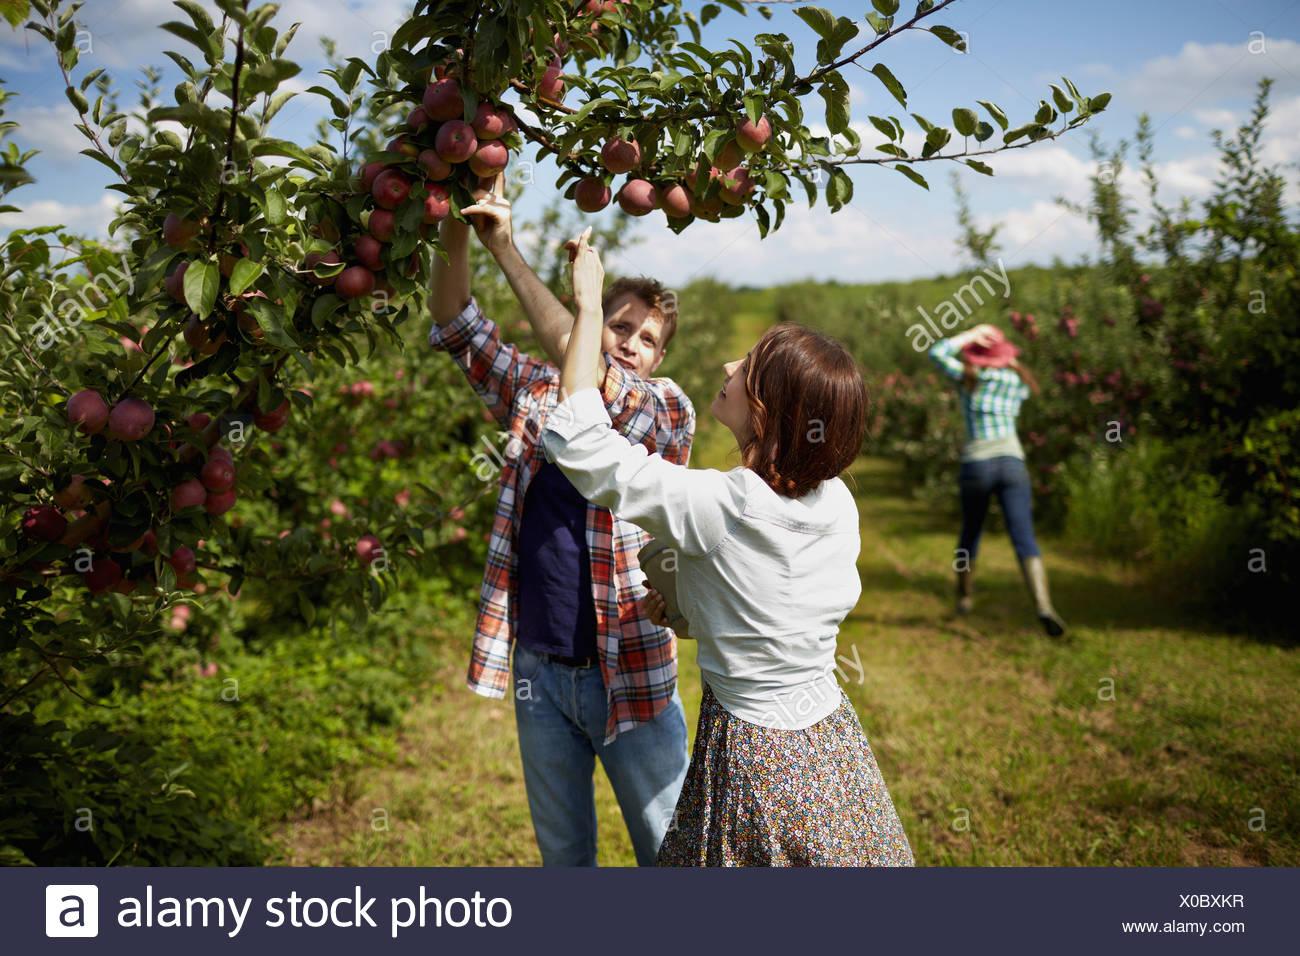 Foto Di Alberi Da Frutto filari di alberi da frutto in un frutteto organico di un